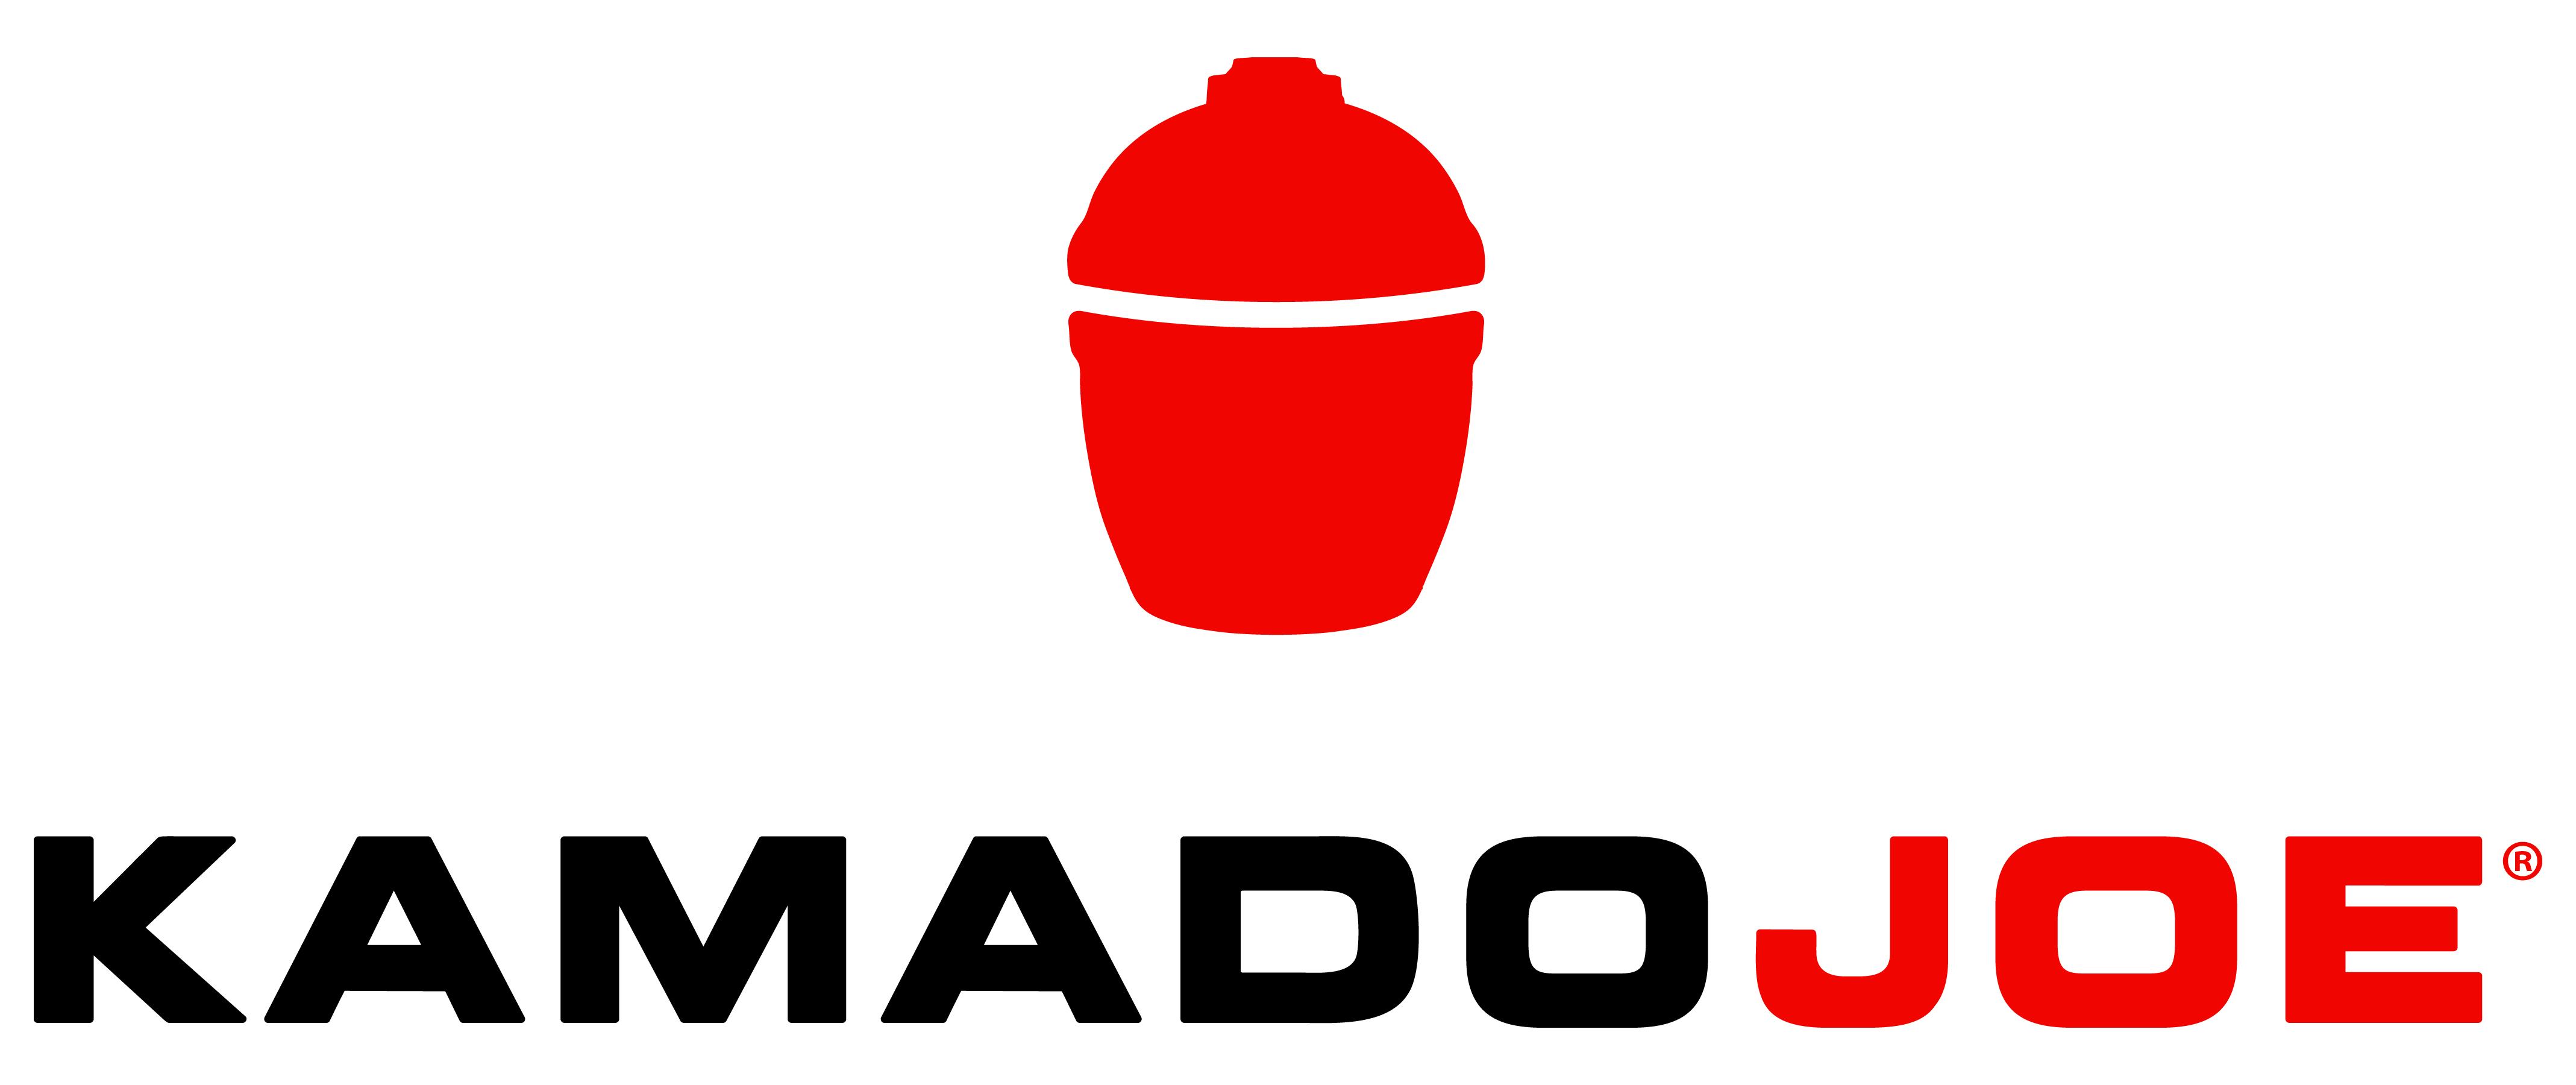 Kamado Joe - Keramikgrills